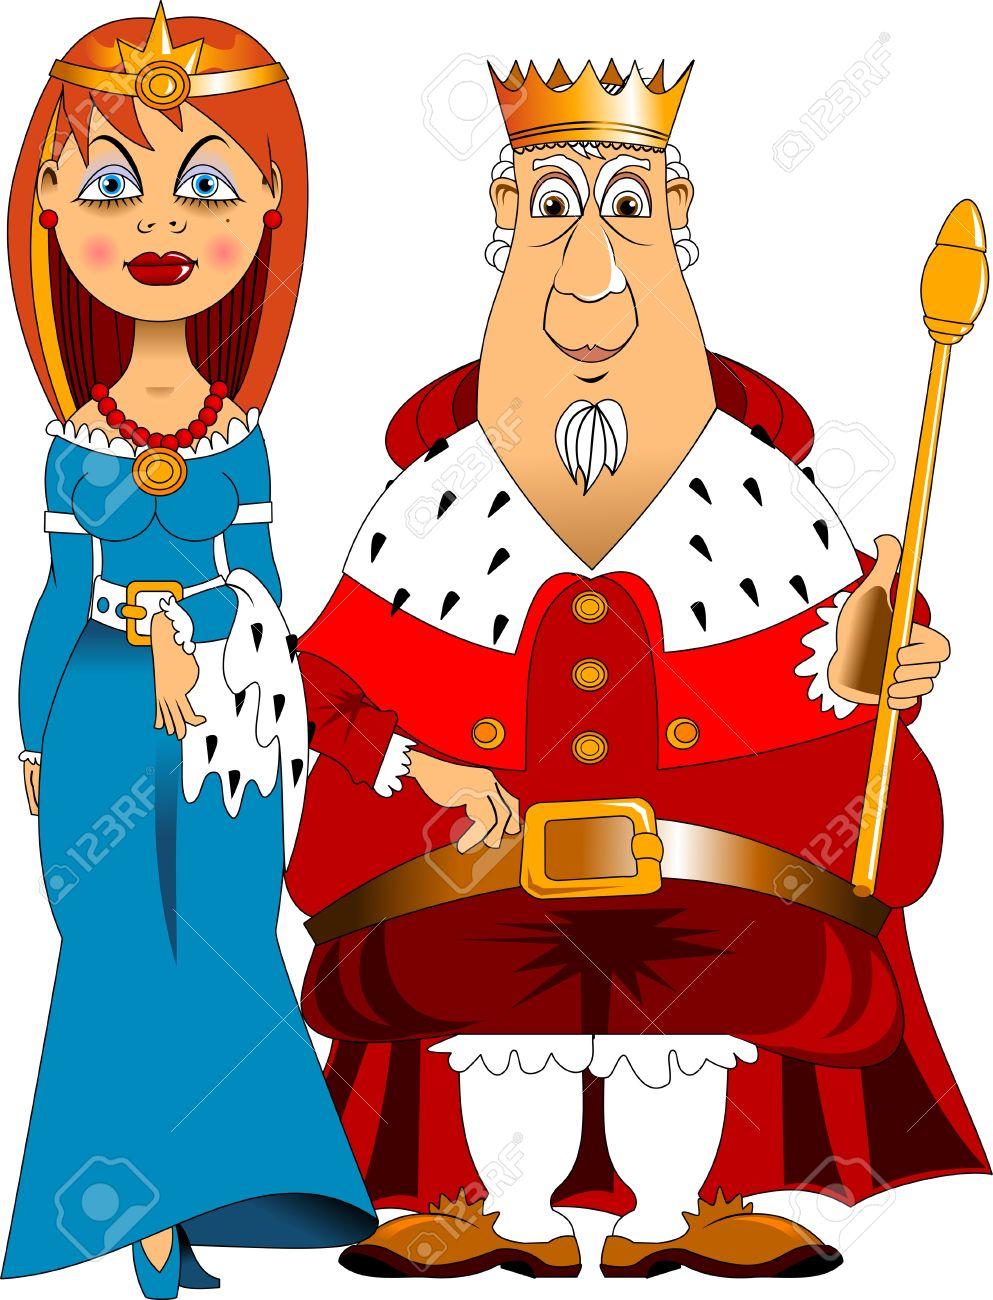 Image D Un Roi illustration d'un homme et d'une femme habillé comme un roi et la